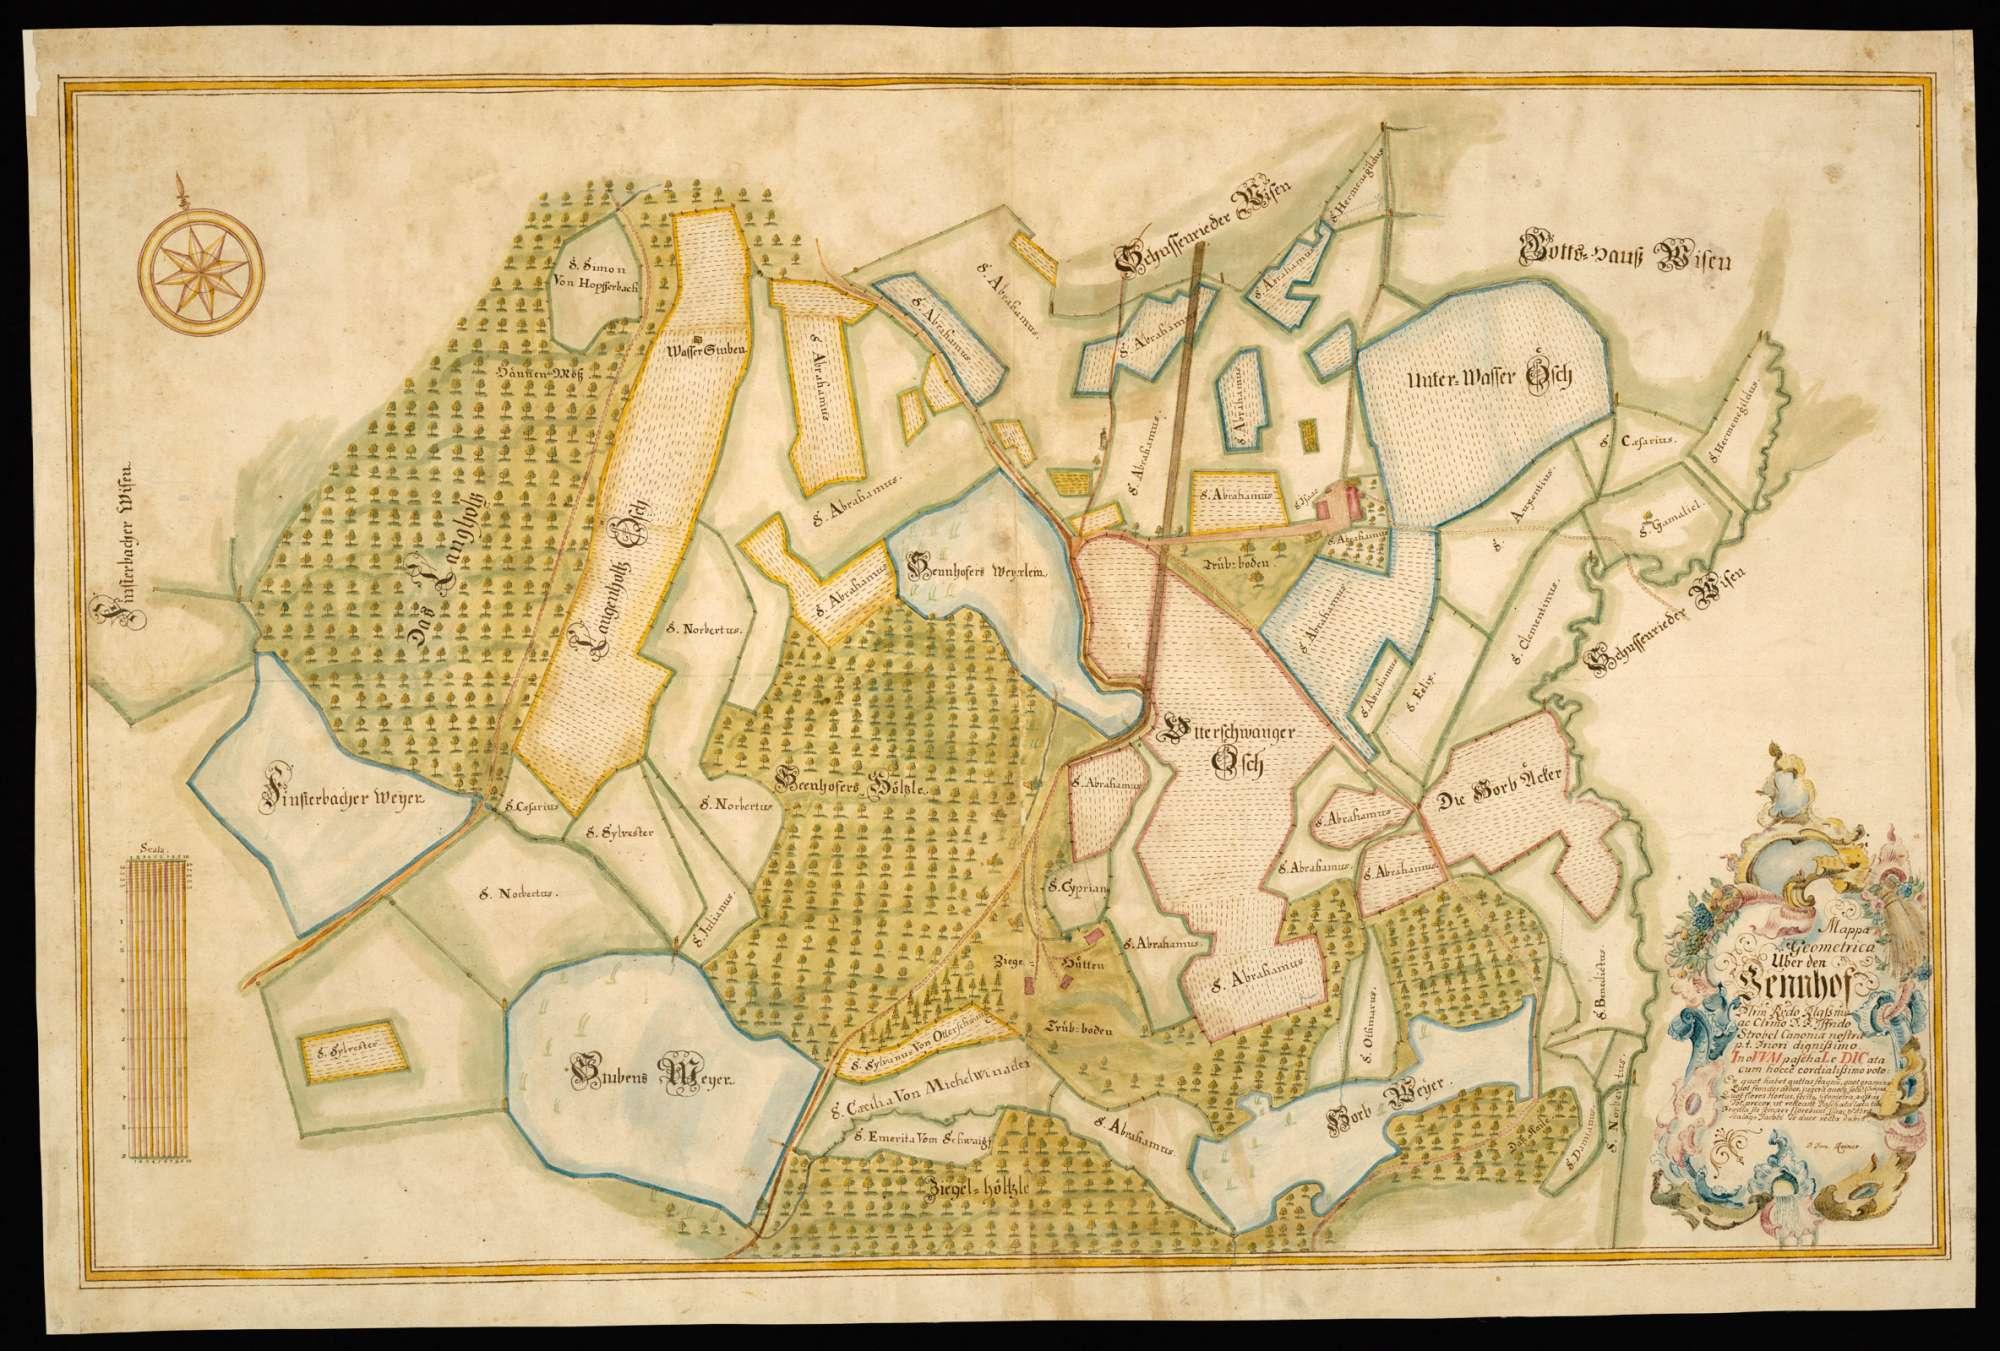 """Sennhof """"Mappa Geometrica über den Sennhof"""", Bild 2"""